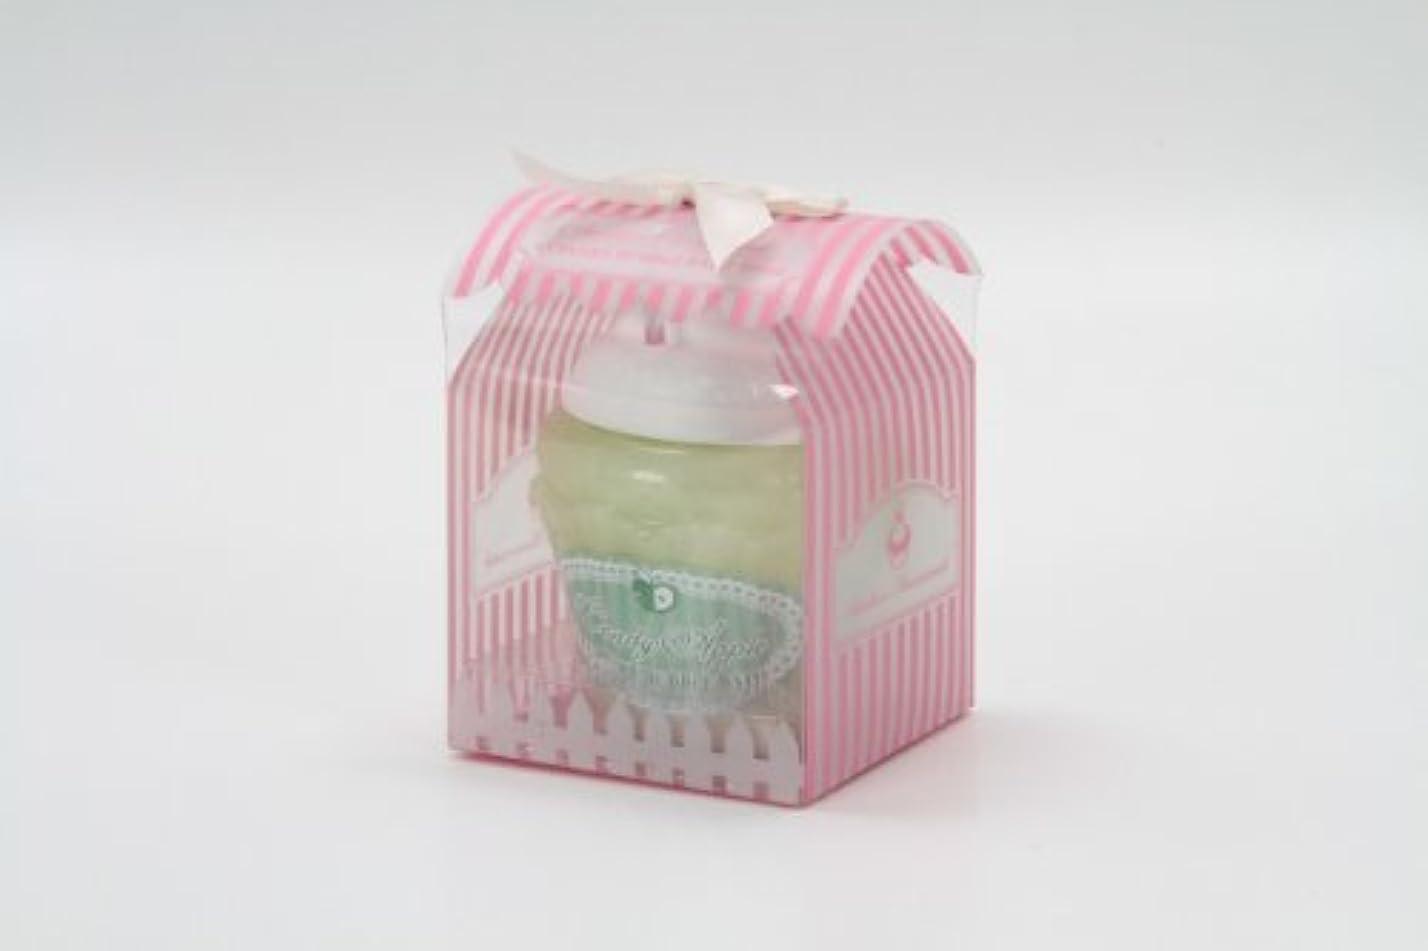 酸化物初期の考えたバブルバス カップケーキ キャンディーアップル